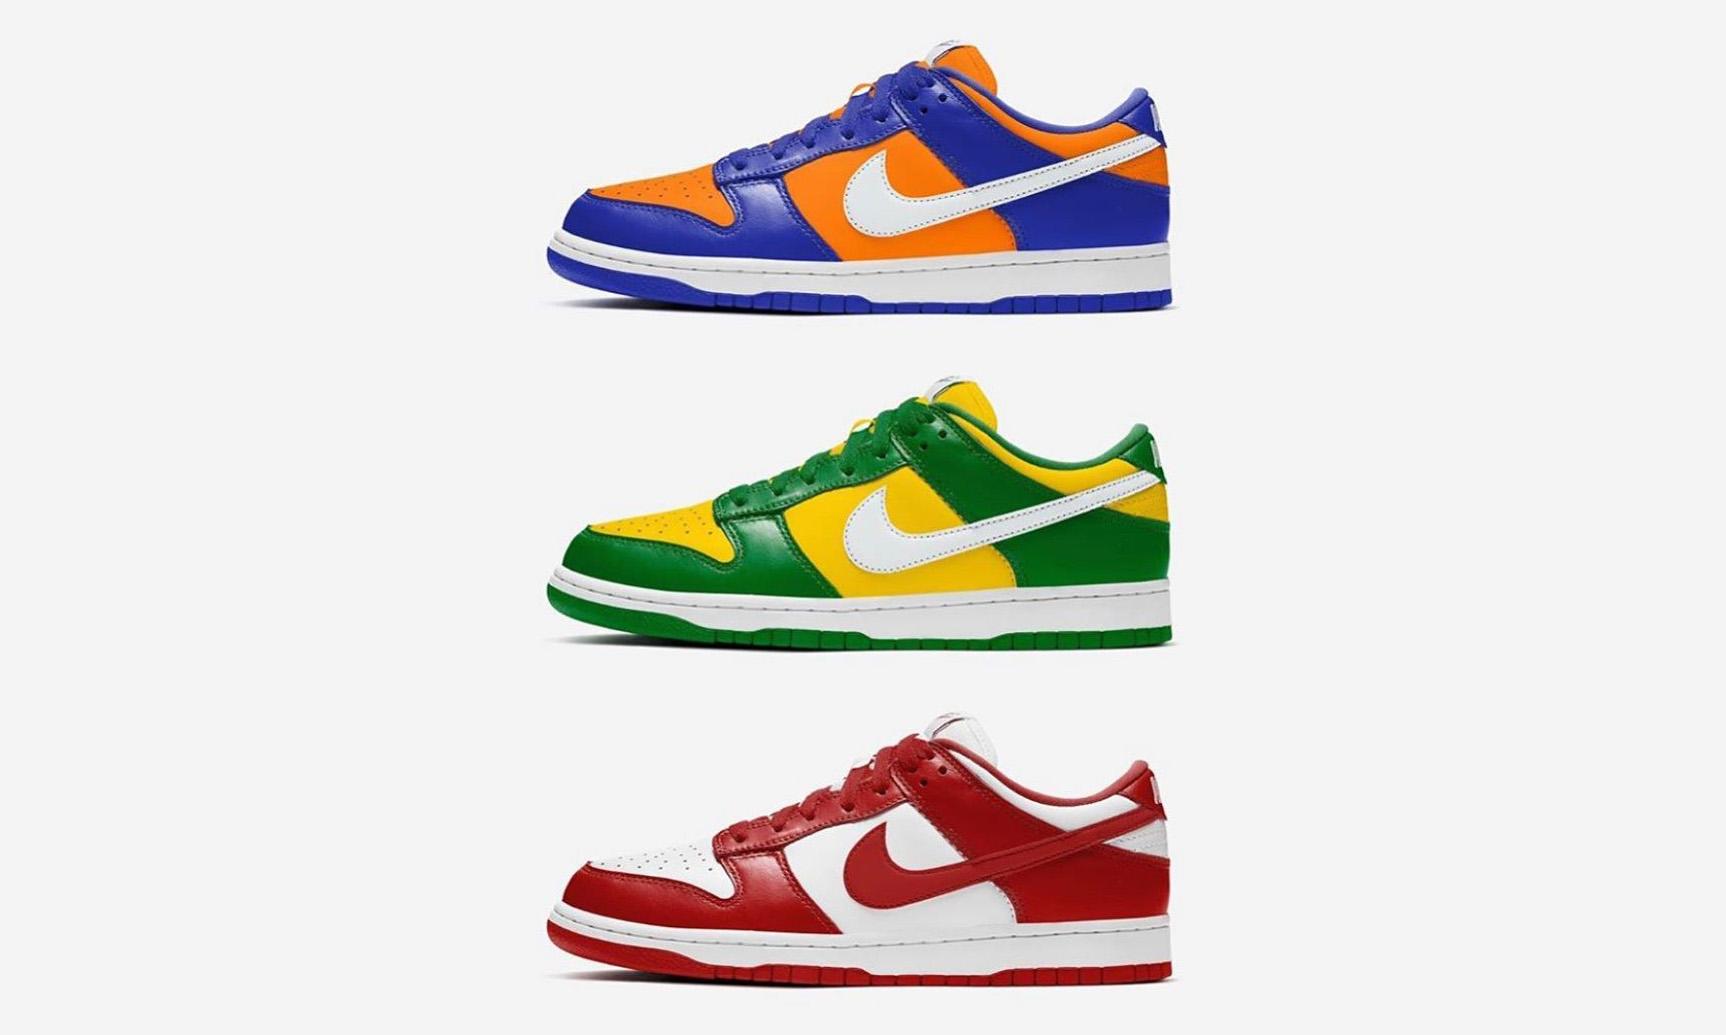 Nike SB Dunk Low 释出三款新配色